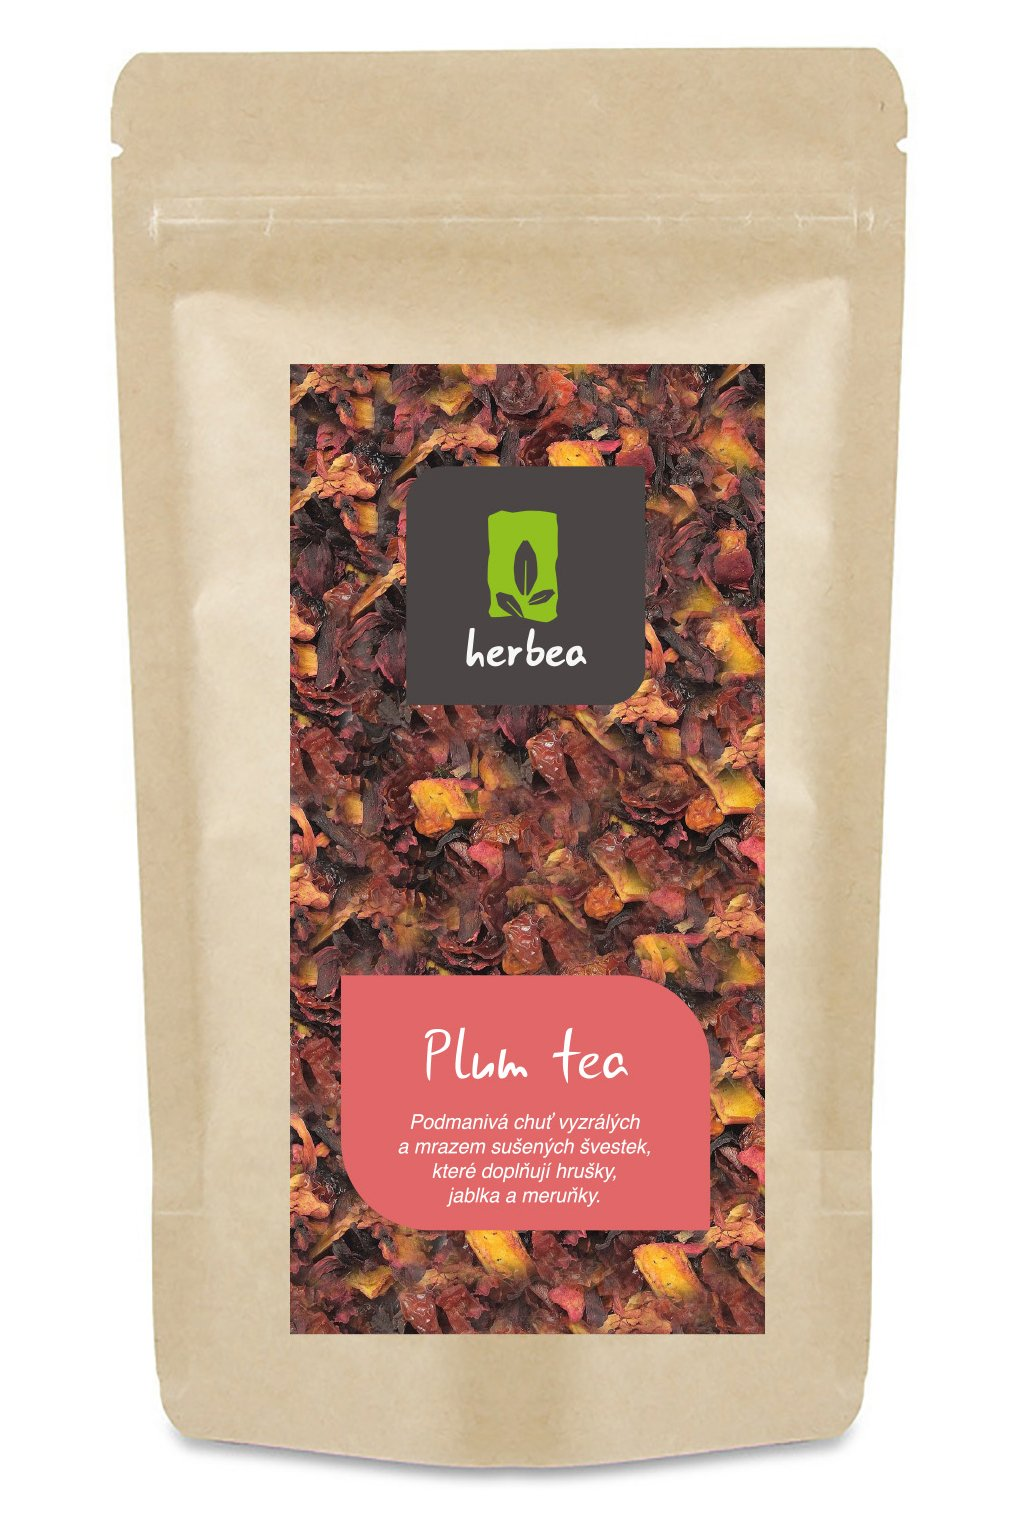 plum tea nahled